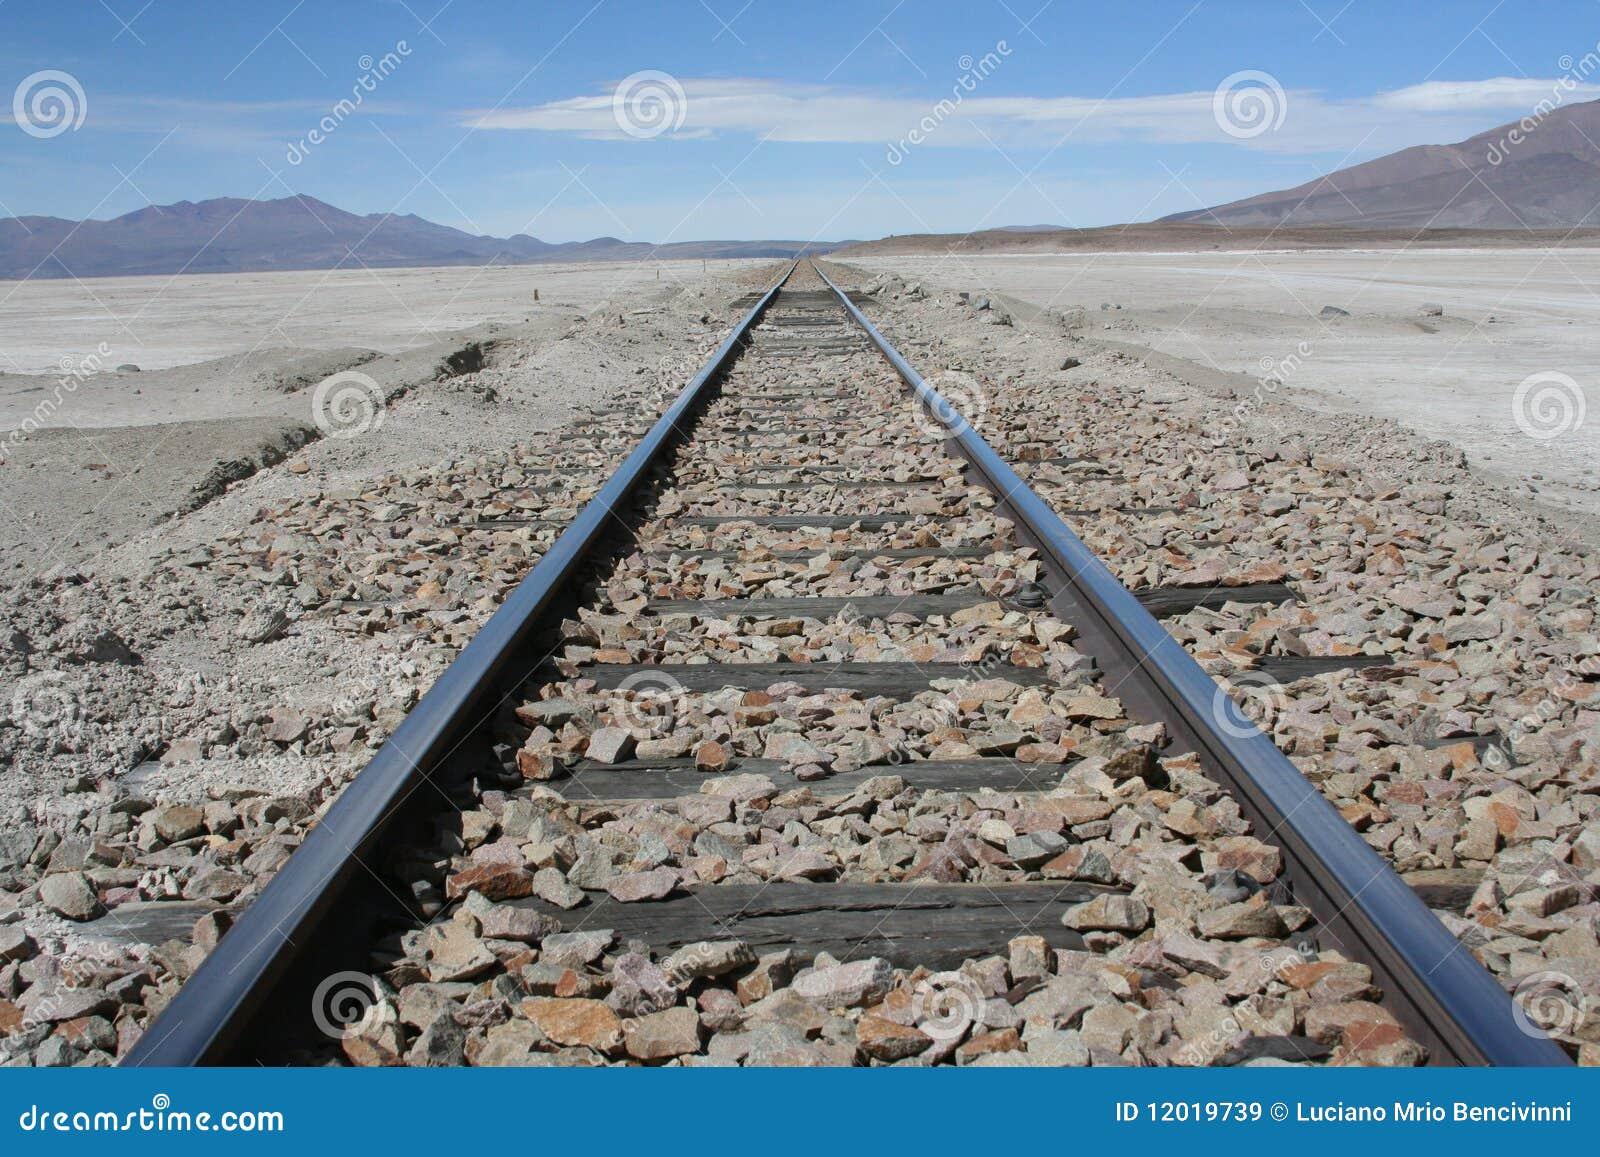 Eisenbahn in Richtung zur Unbegrenztheit